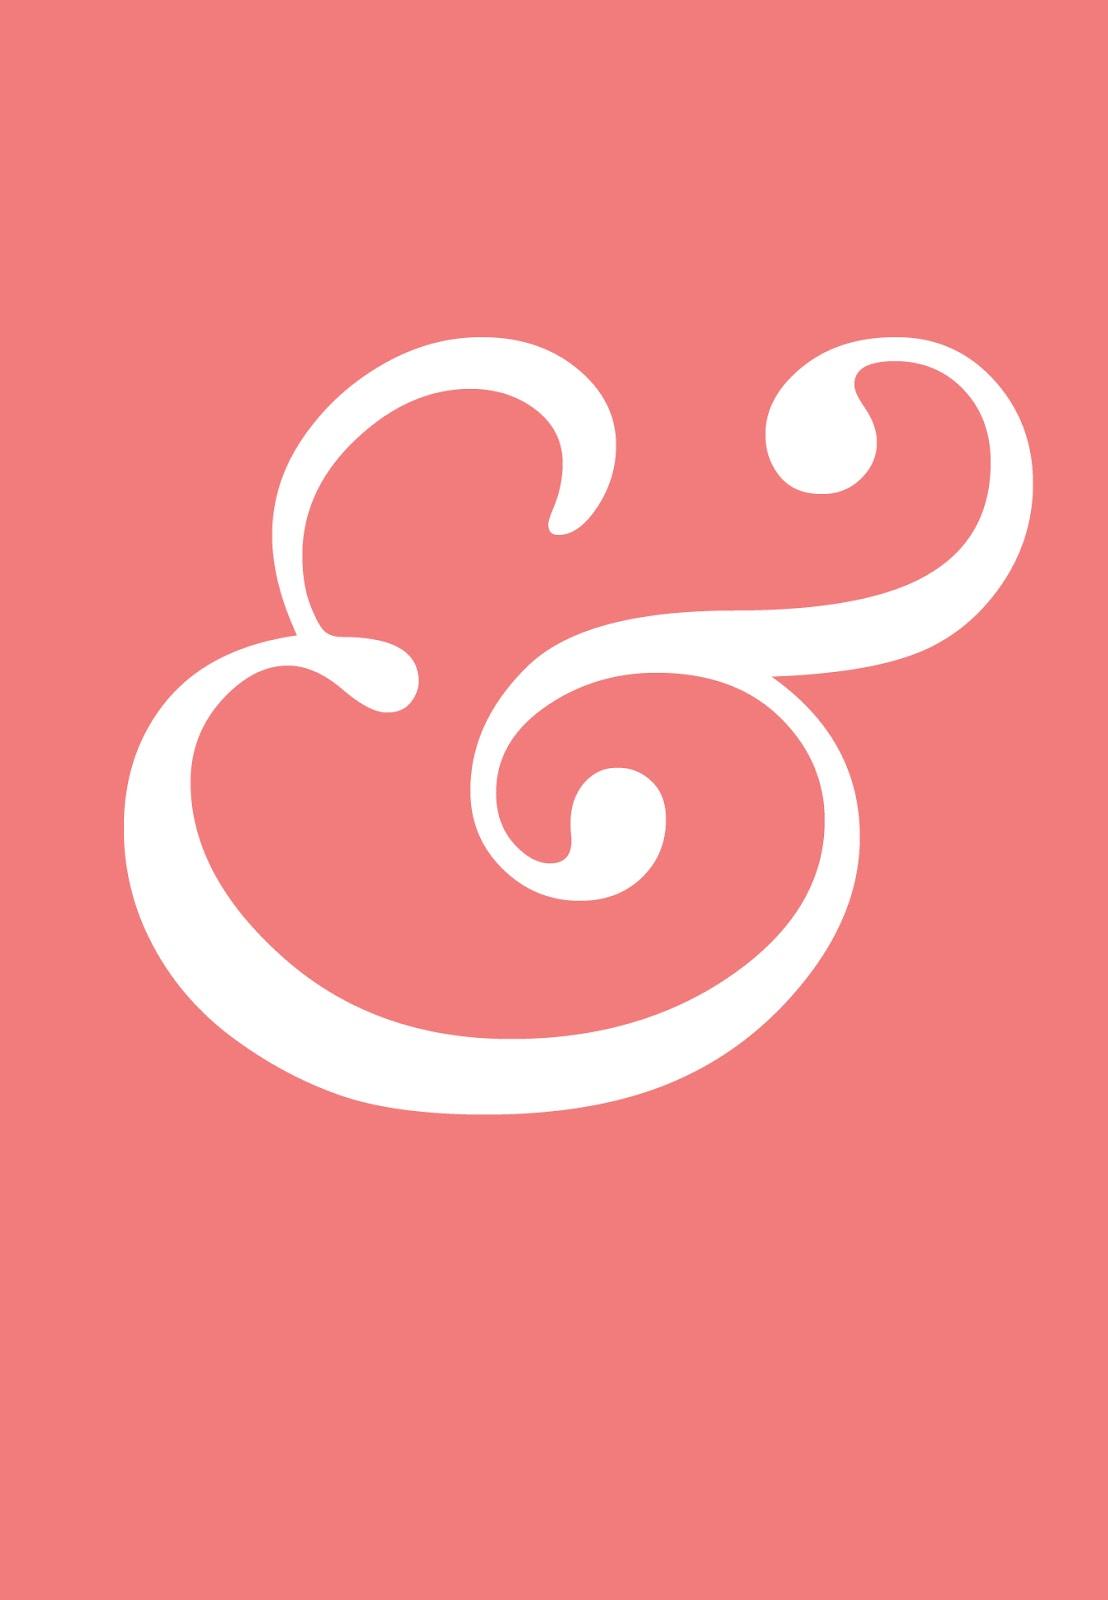 http://4.bp.blogspot.com/-bsjKno3uxc8/UOOPD6o-CpI/AAAAAAAAQzU/YPIRglUCc2I/s1600/wallpaper1.jpg